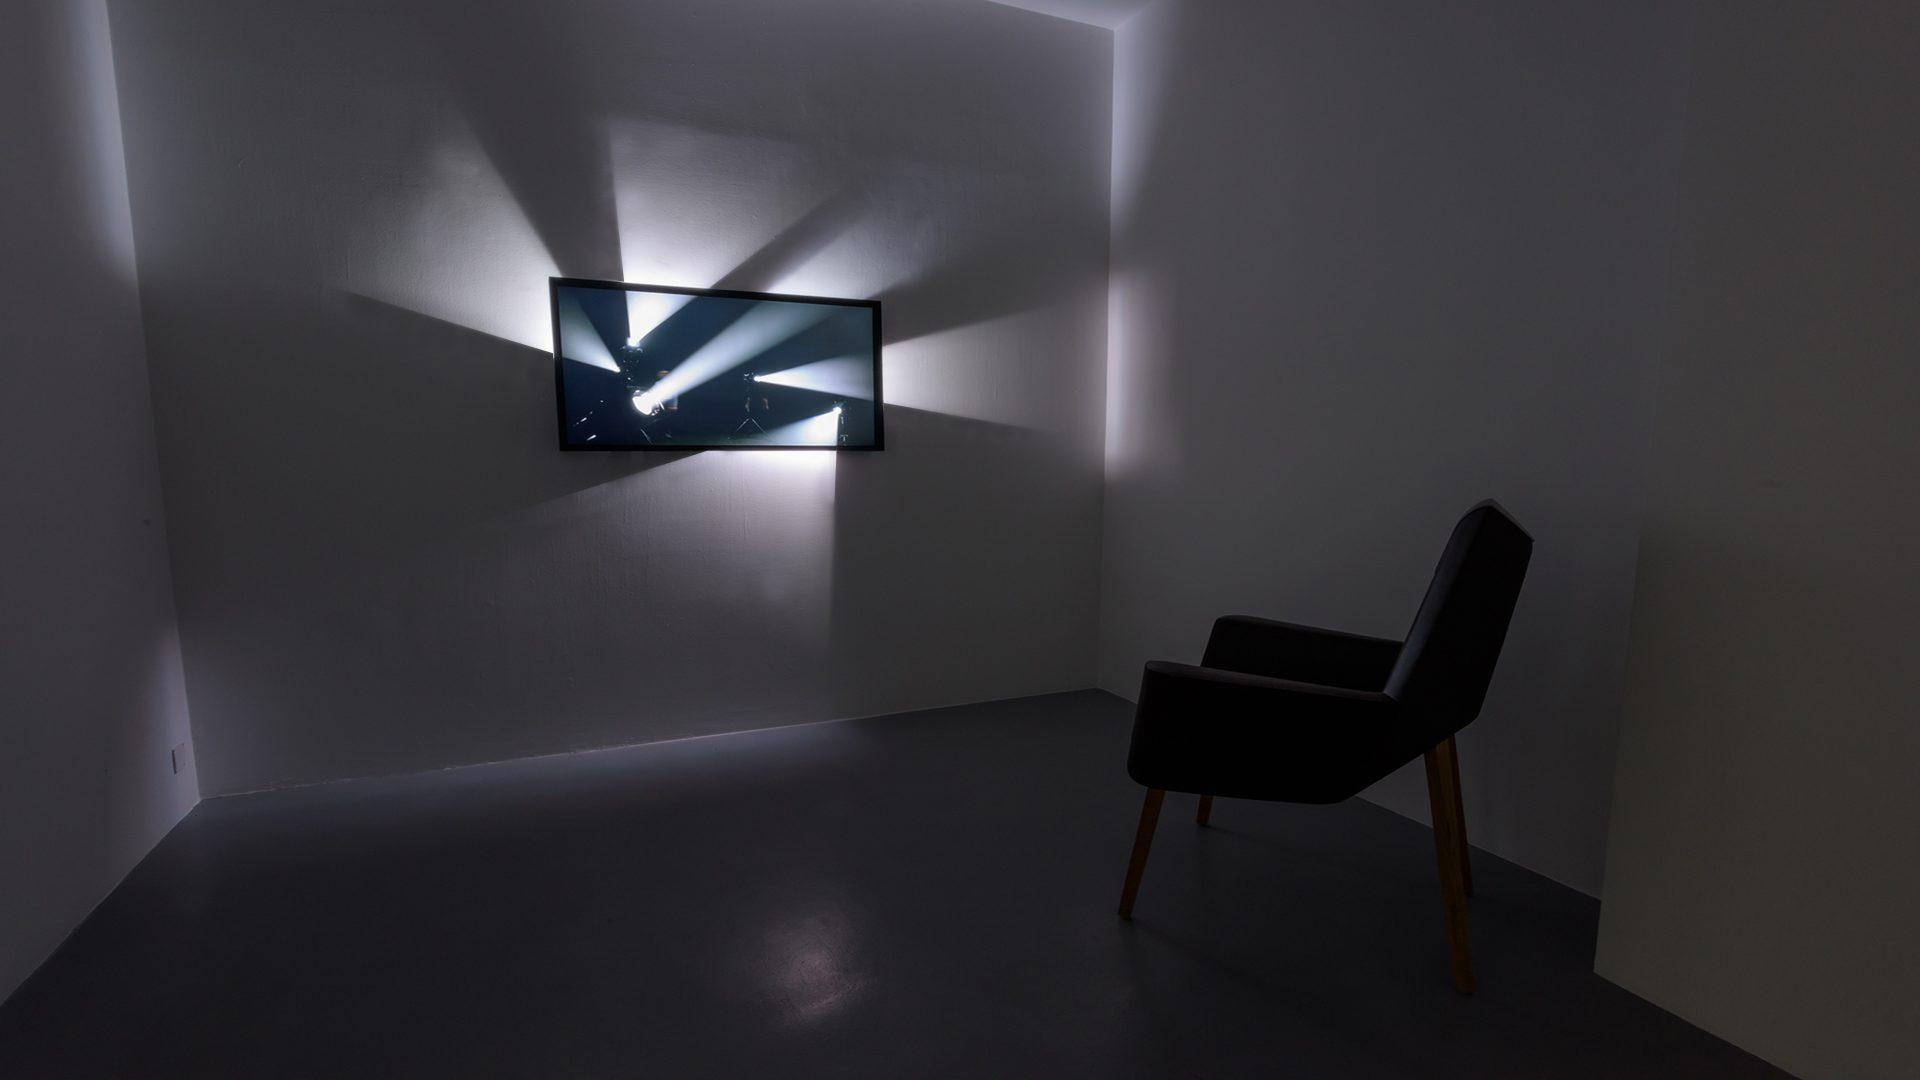 L'image éclaire - Light beams screen - Michel Rein Gallery Paris, 2016 / Credits : Florian Kleinefenn